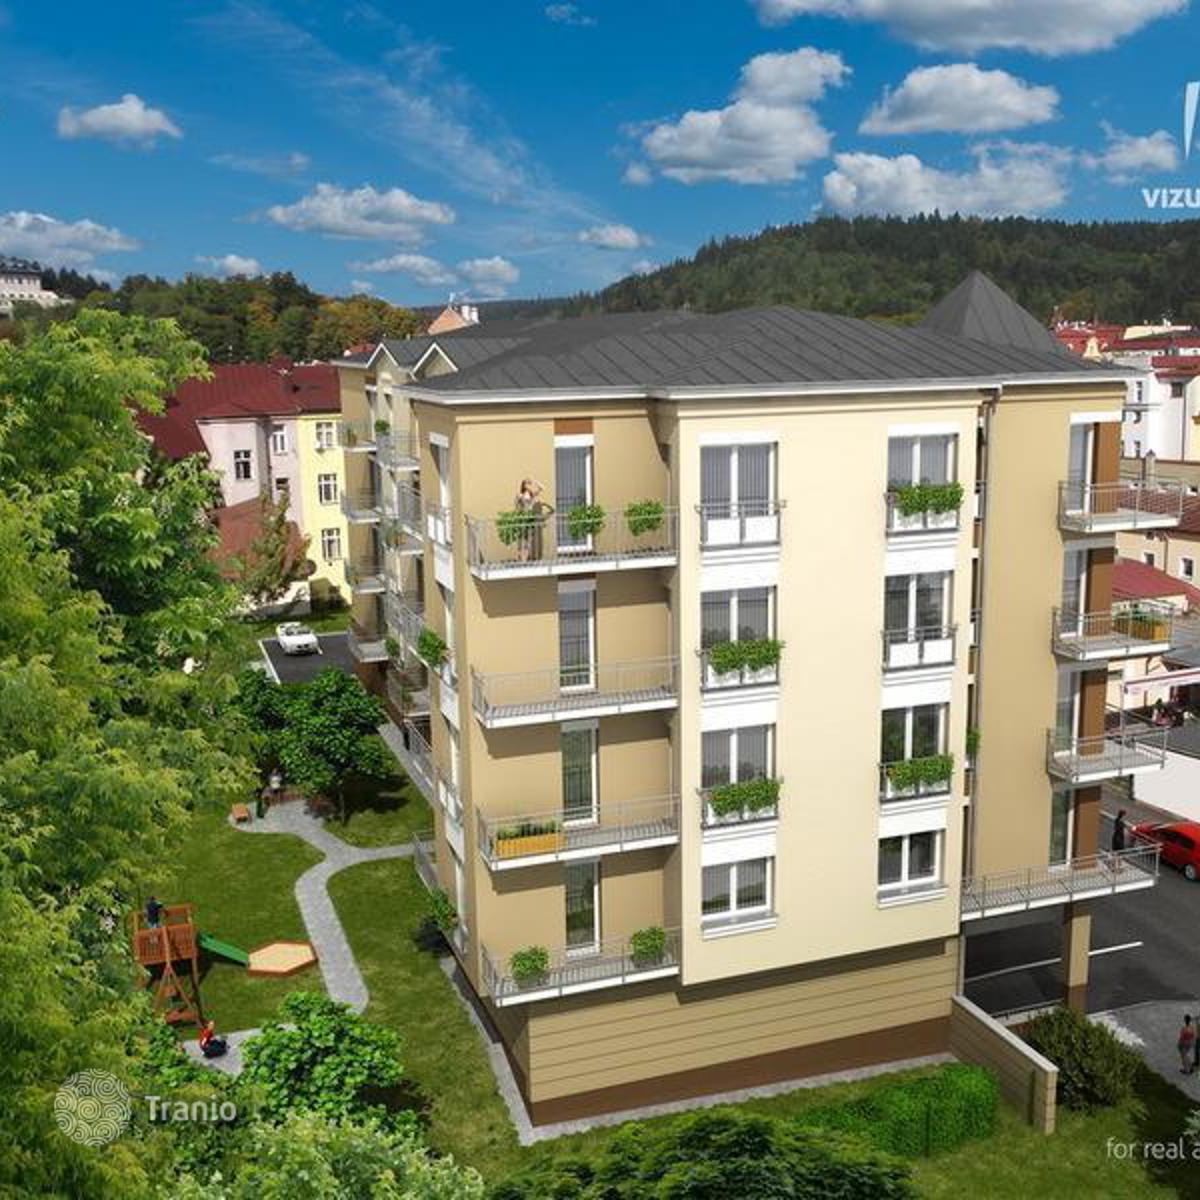 Marianske Lazne Czech Republic  city photos gallery : Apartment Marianske Lazne, Karlovy Vary Region, Czech Republic ...